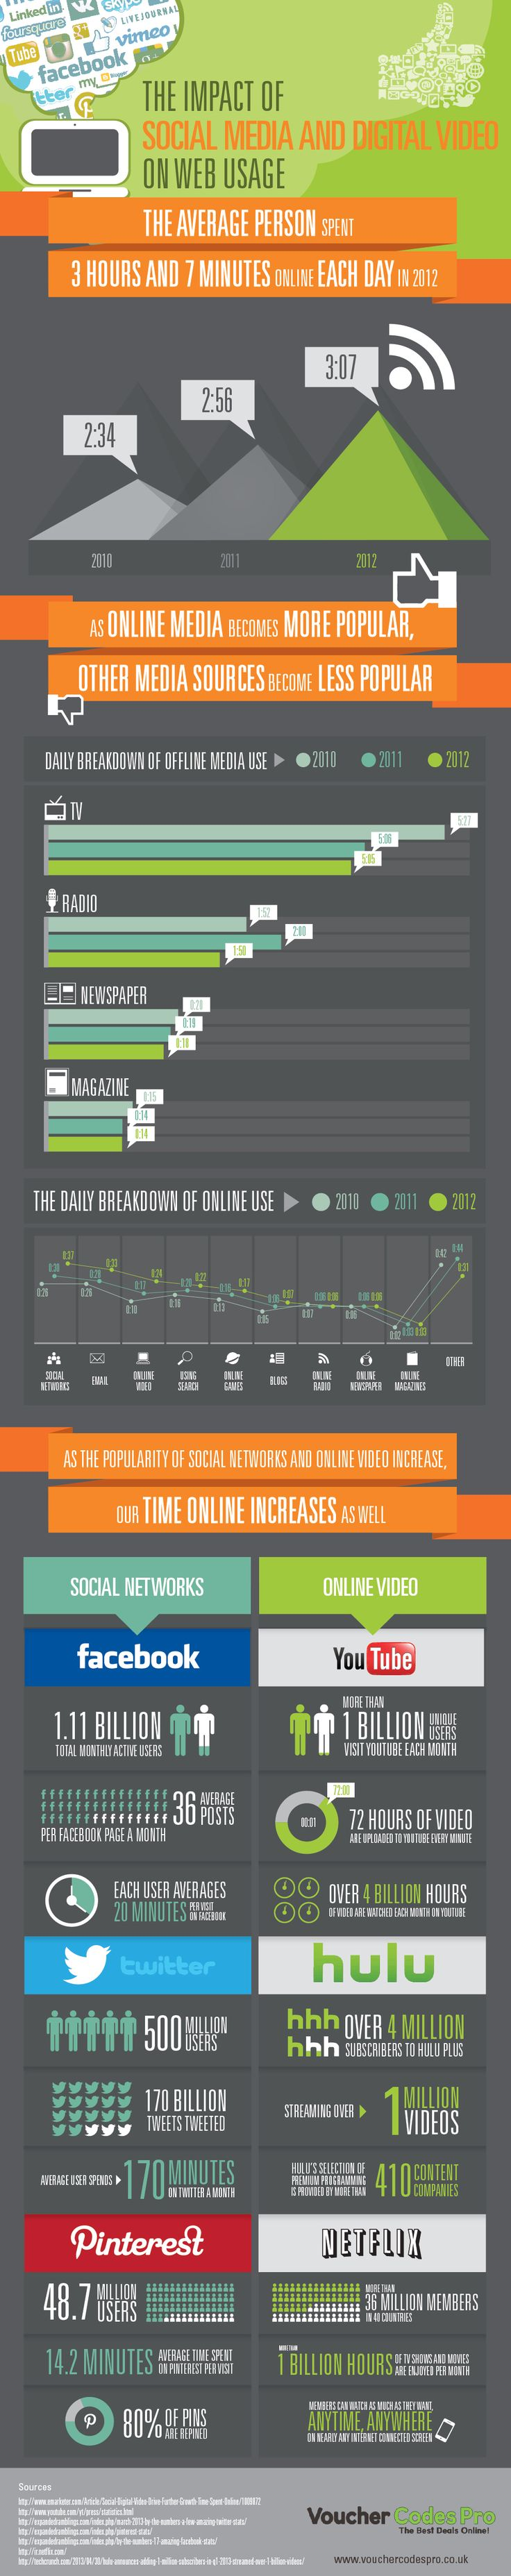 [INFOGRAFÍA] El impacto de los medios sociales y video en línea (en todas las cosas que solíamos hacer)